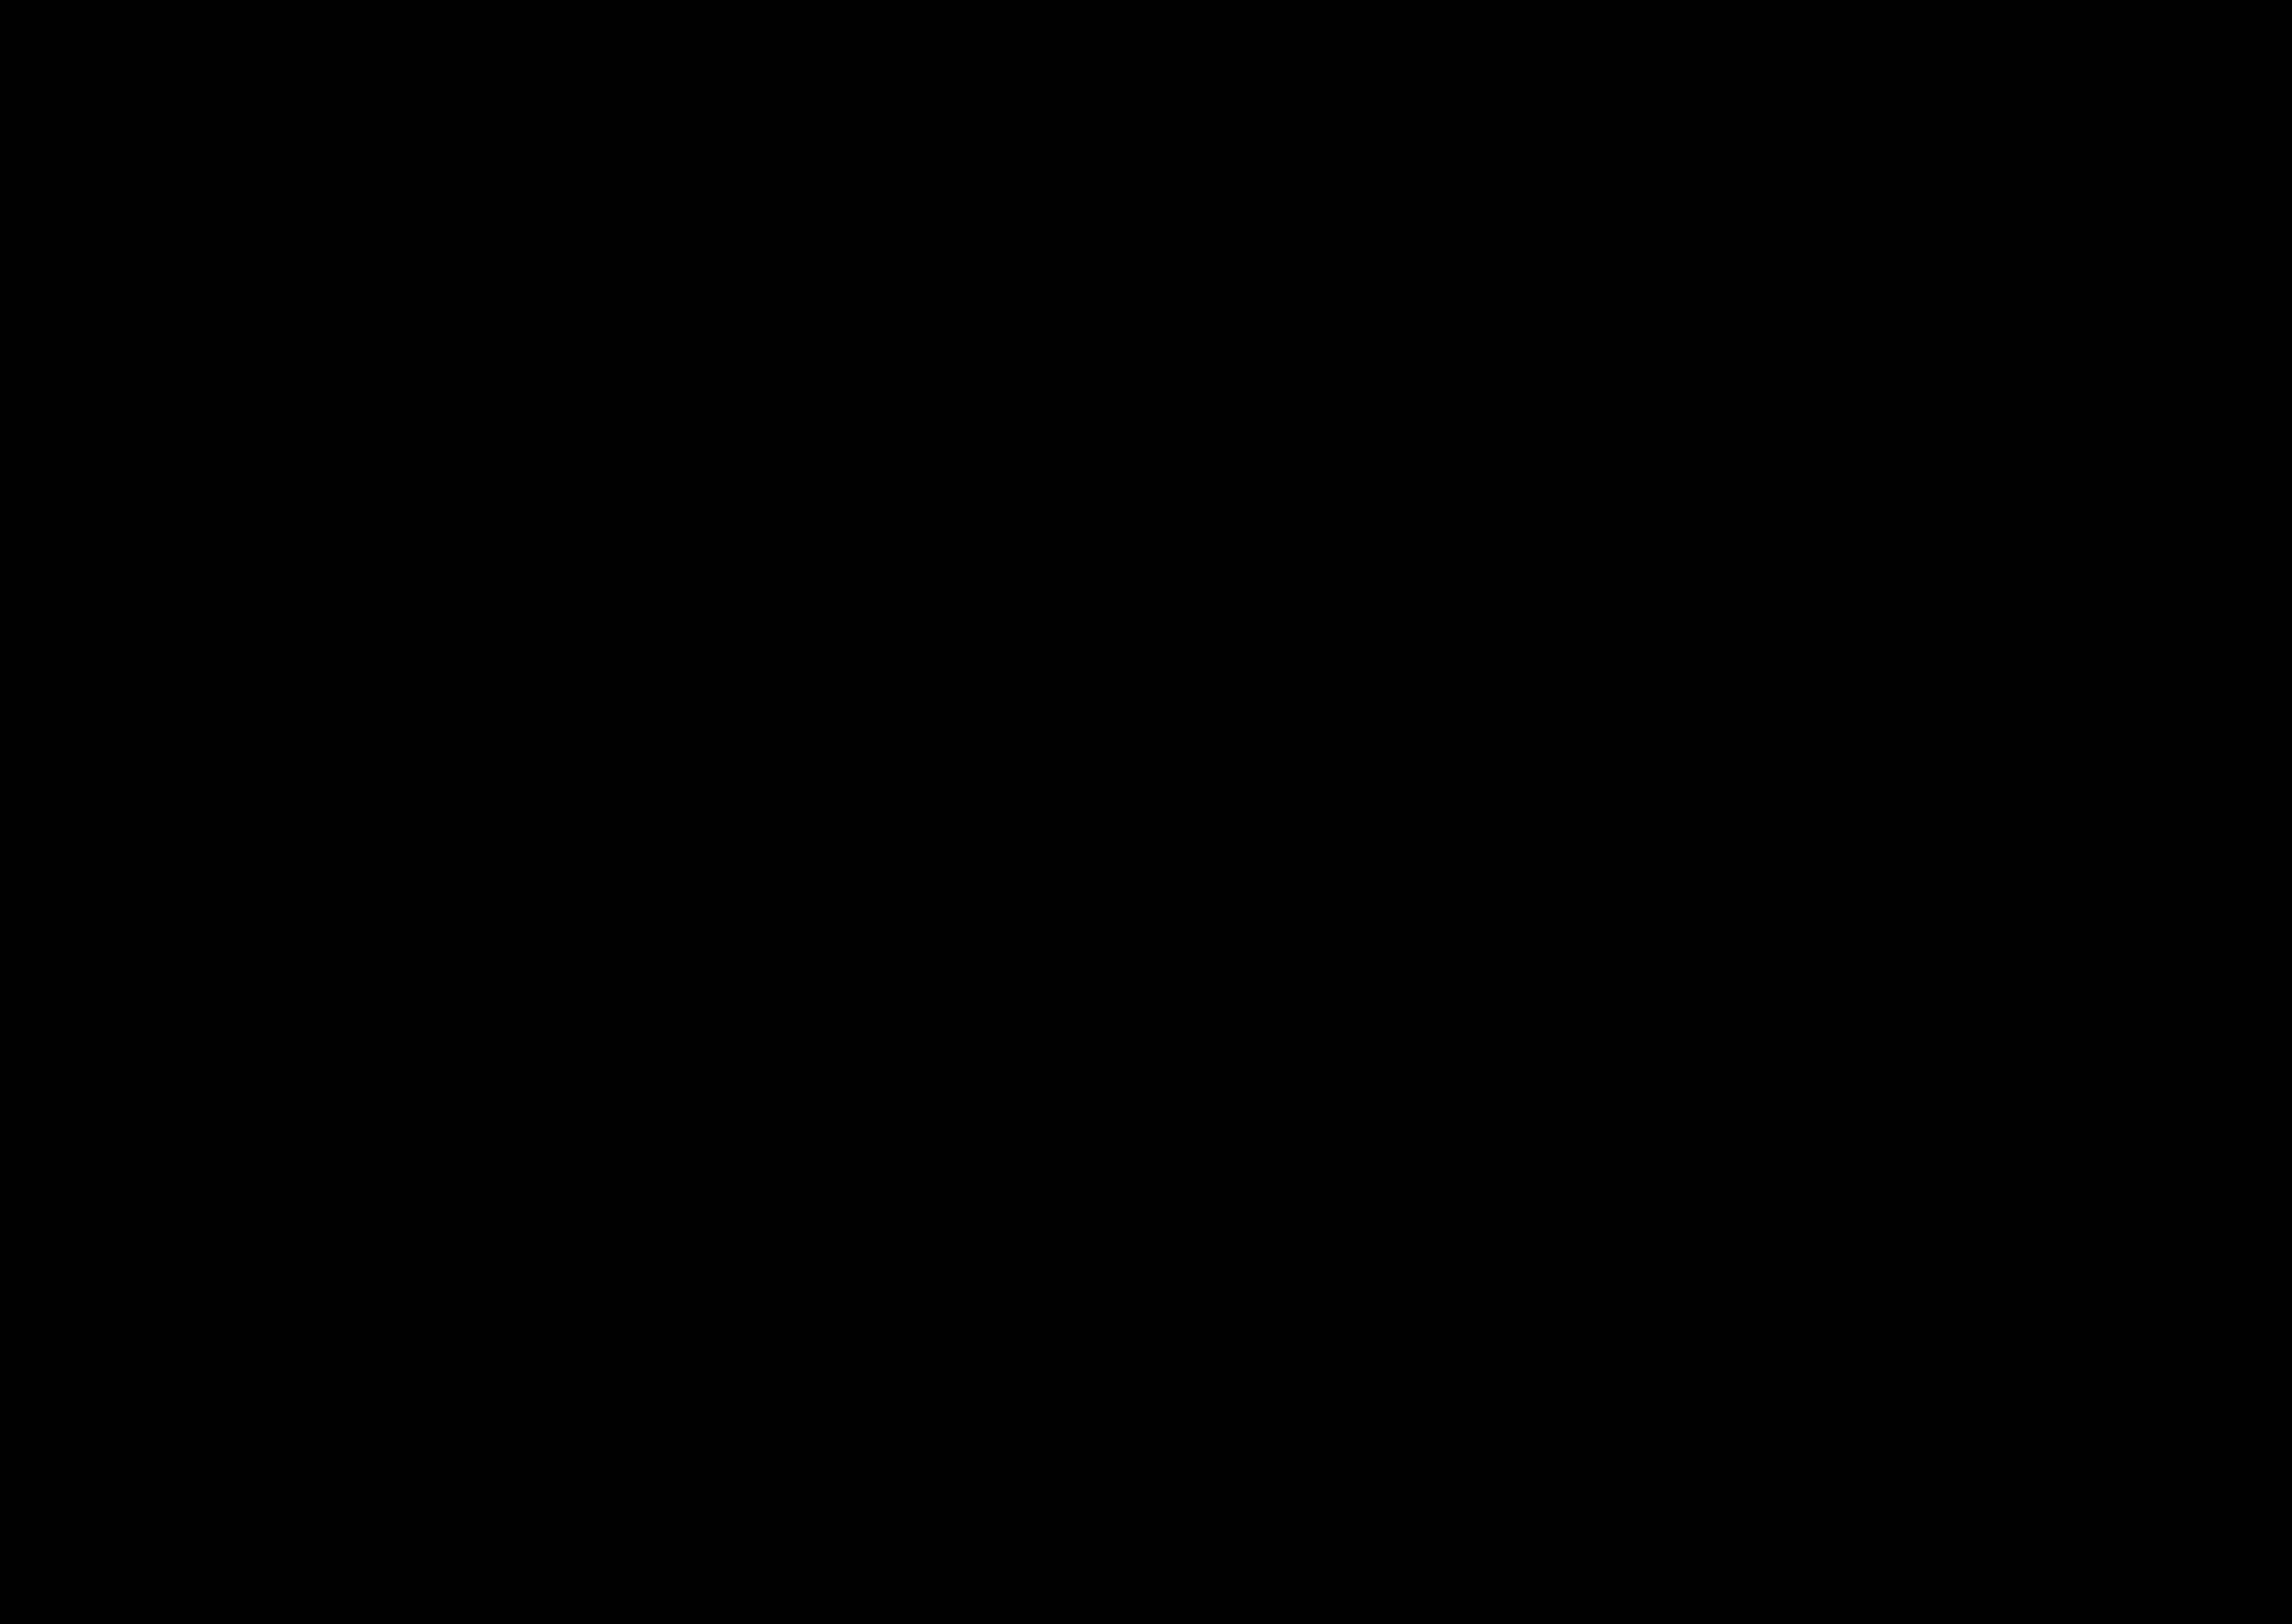 Casa SAB - Valea Chioarului  - Poza 2